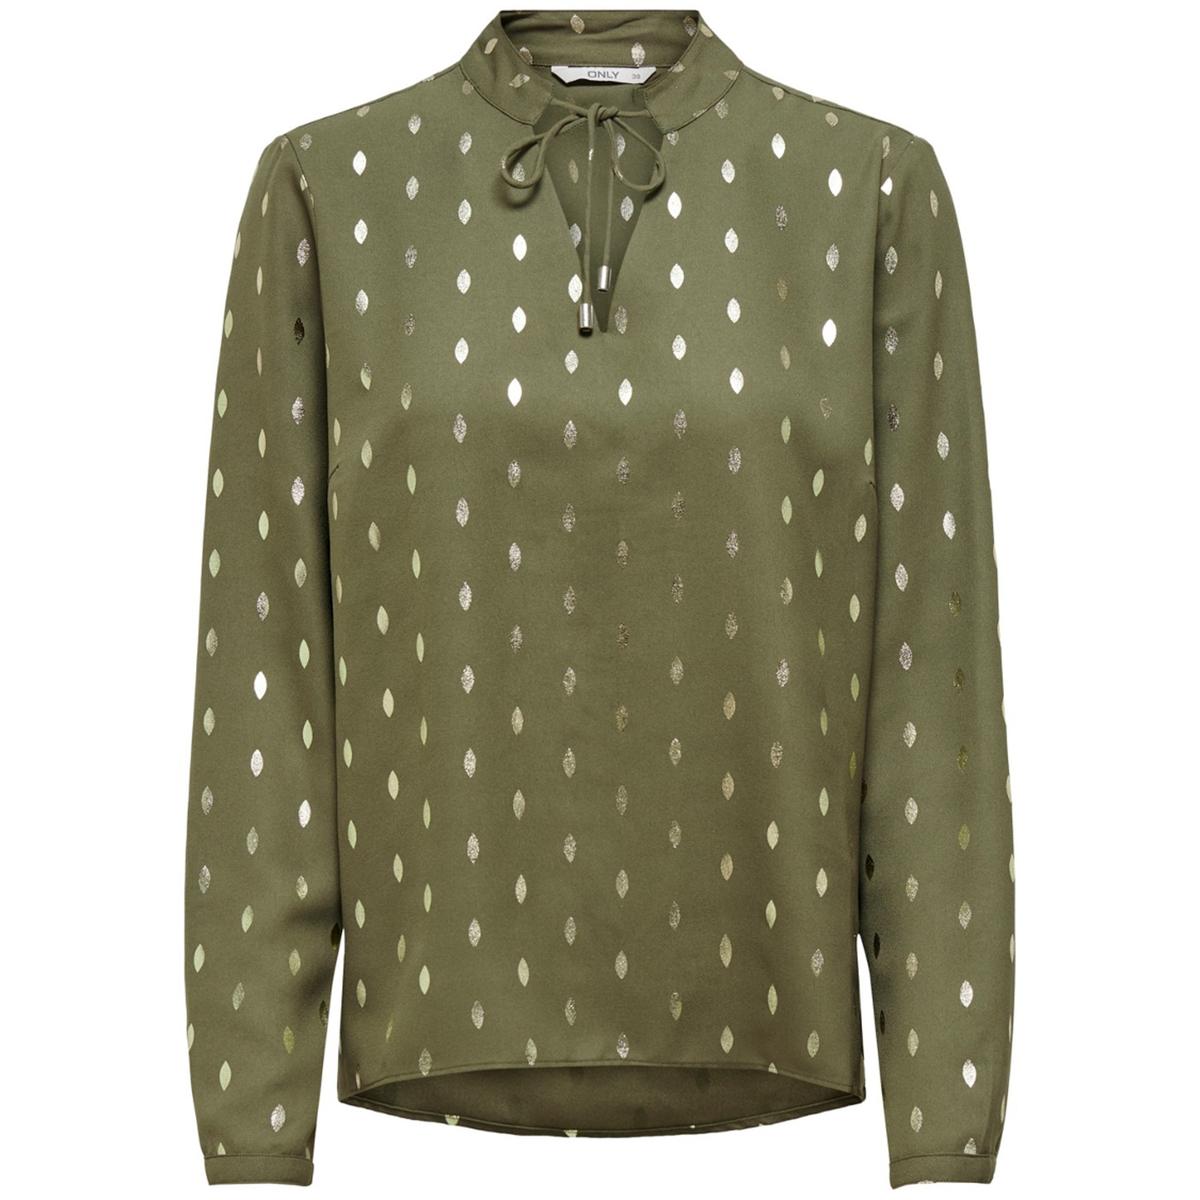 Блузка La Redoute С круглым вырезом с разрезом спереди и завязками S зеленый свитшот la redoute с круглым вырезом и вышивкой s черный